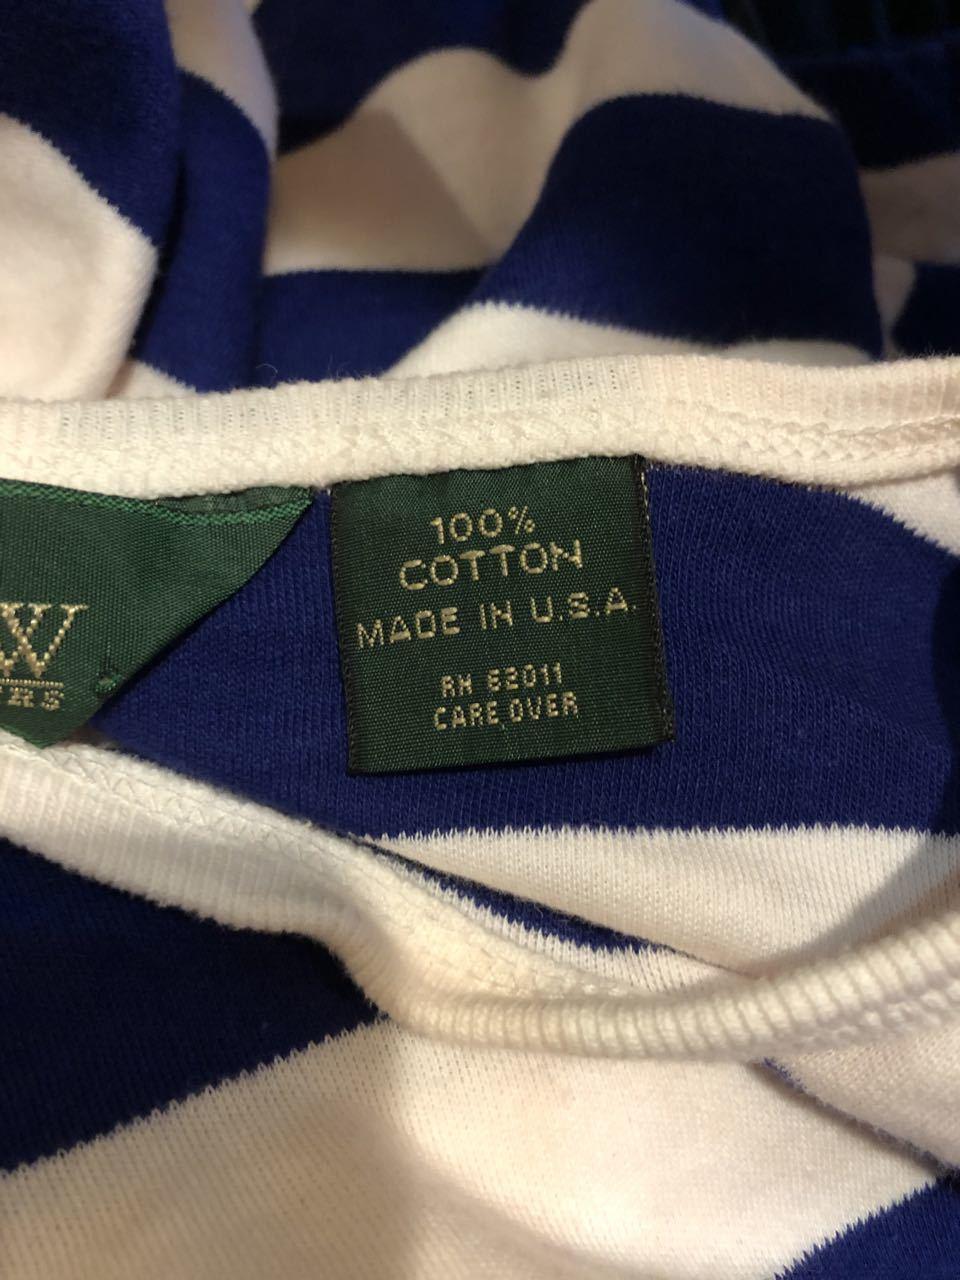 90s アメリカ製  J. CREW  J.クルー ボーダーTシャツ!_c0144020_14083479.jpg